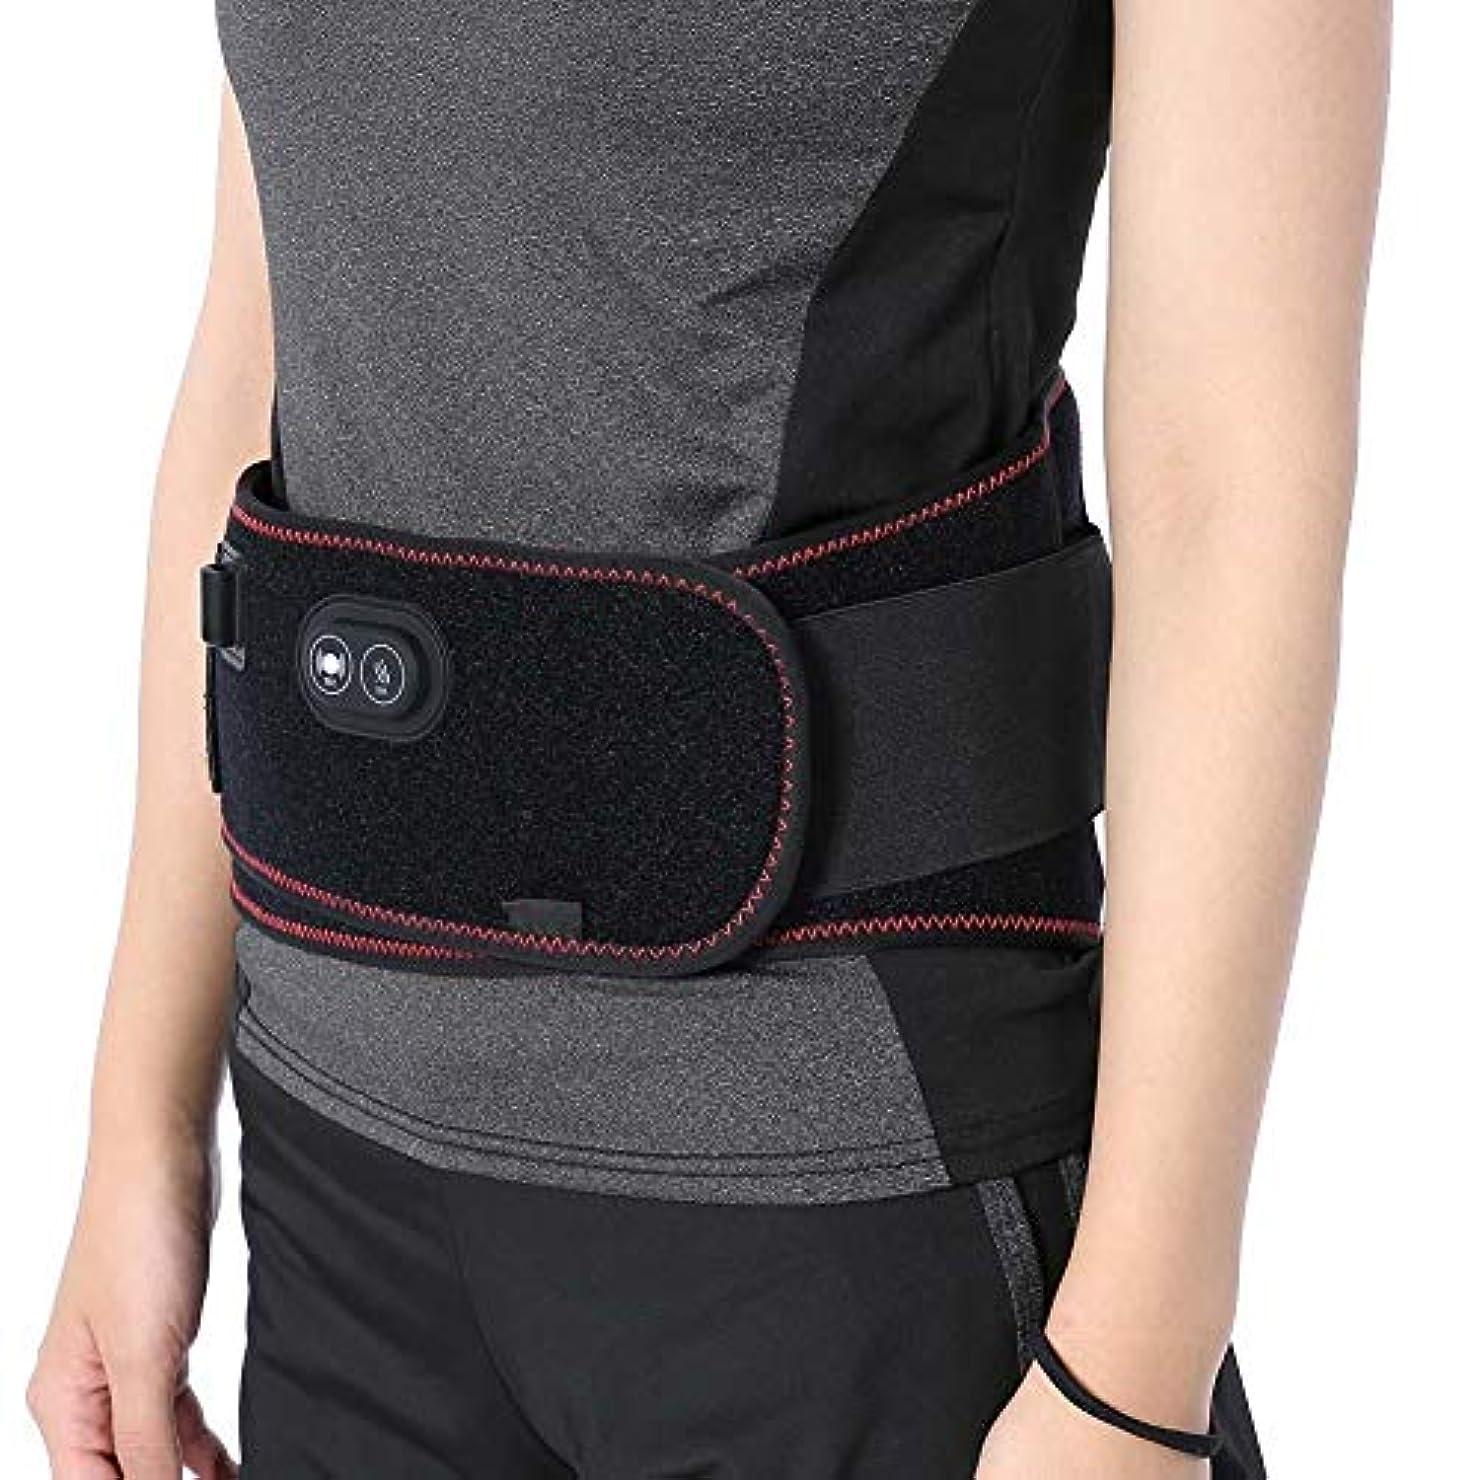 打たれたトラック中央ストレージ暖房ウエストベルト電気暖かい腹部マッサージ振動ウエストサポート、リリーフ性月経困難症と腹部の背中の痛み暖かい腰椎振動ラップ男性と女性のための低い